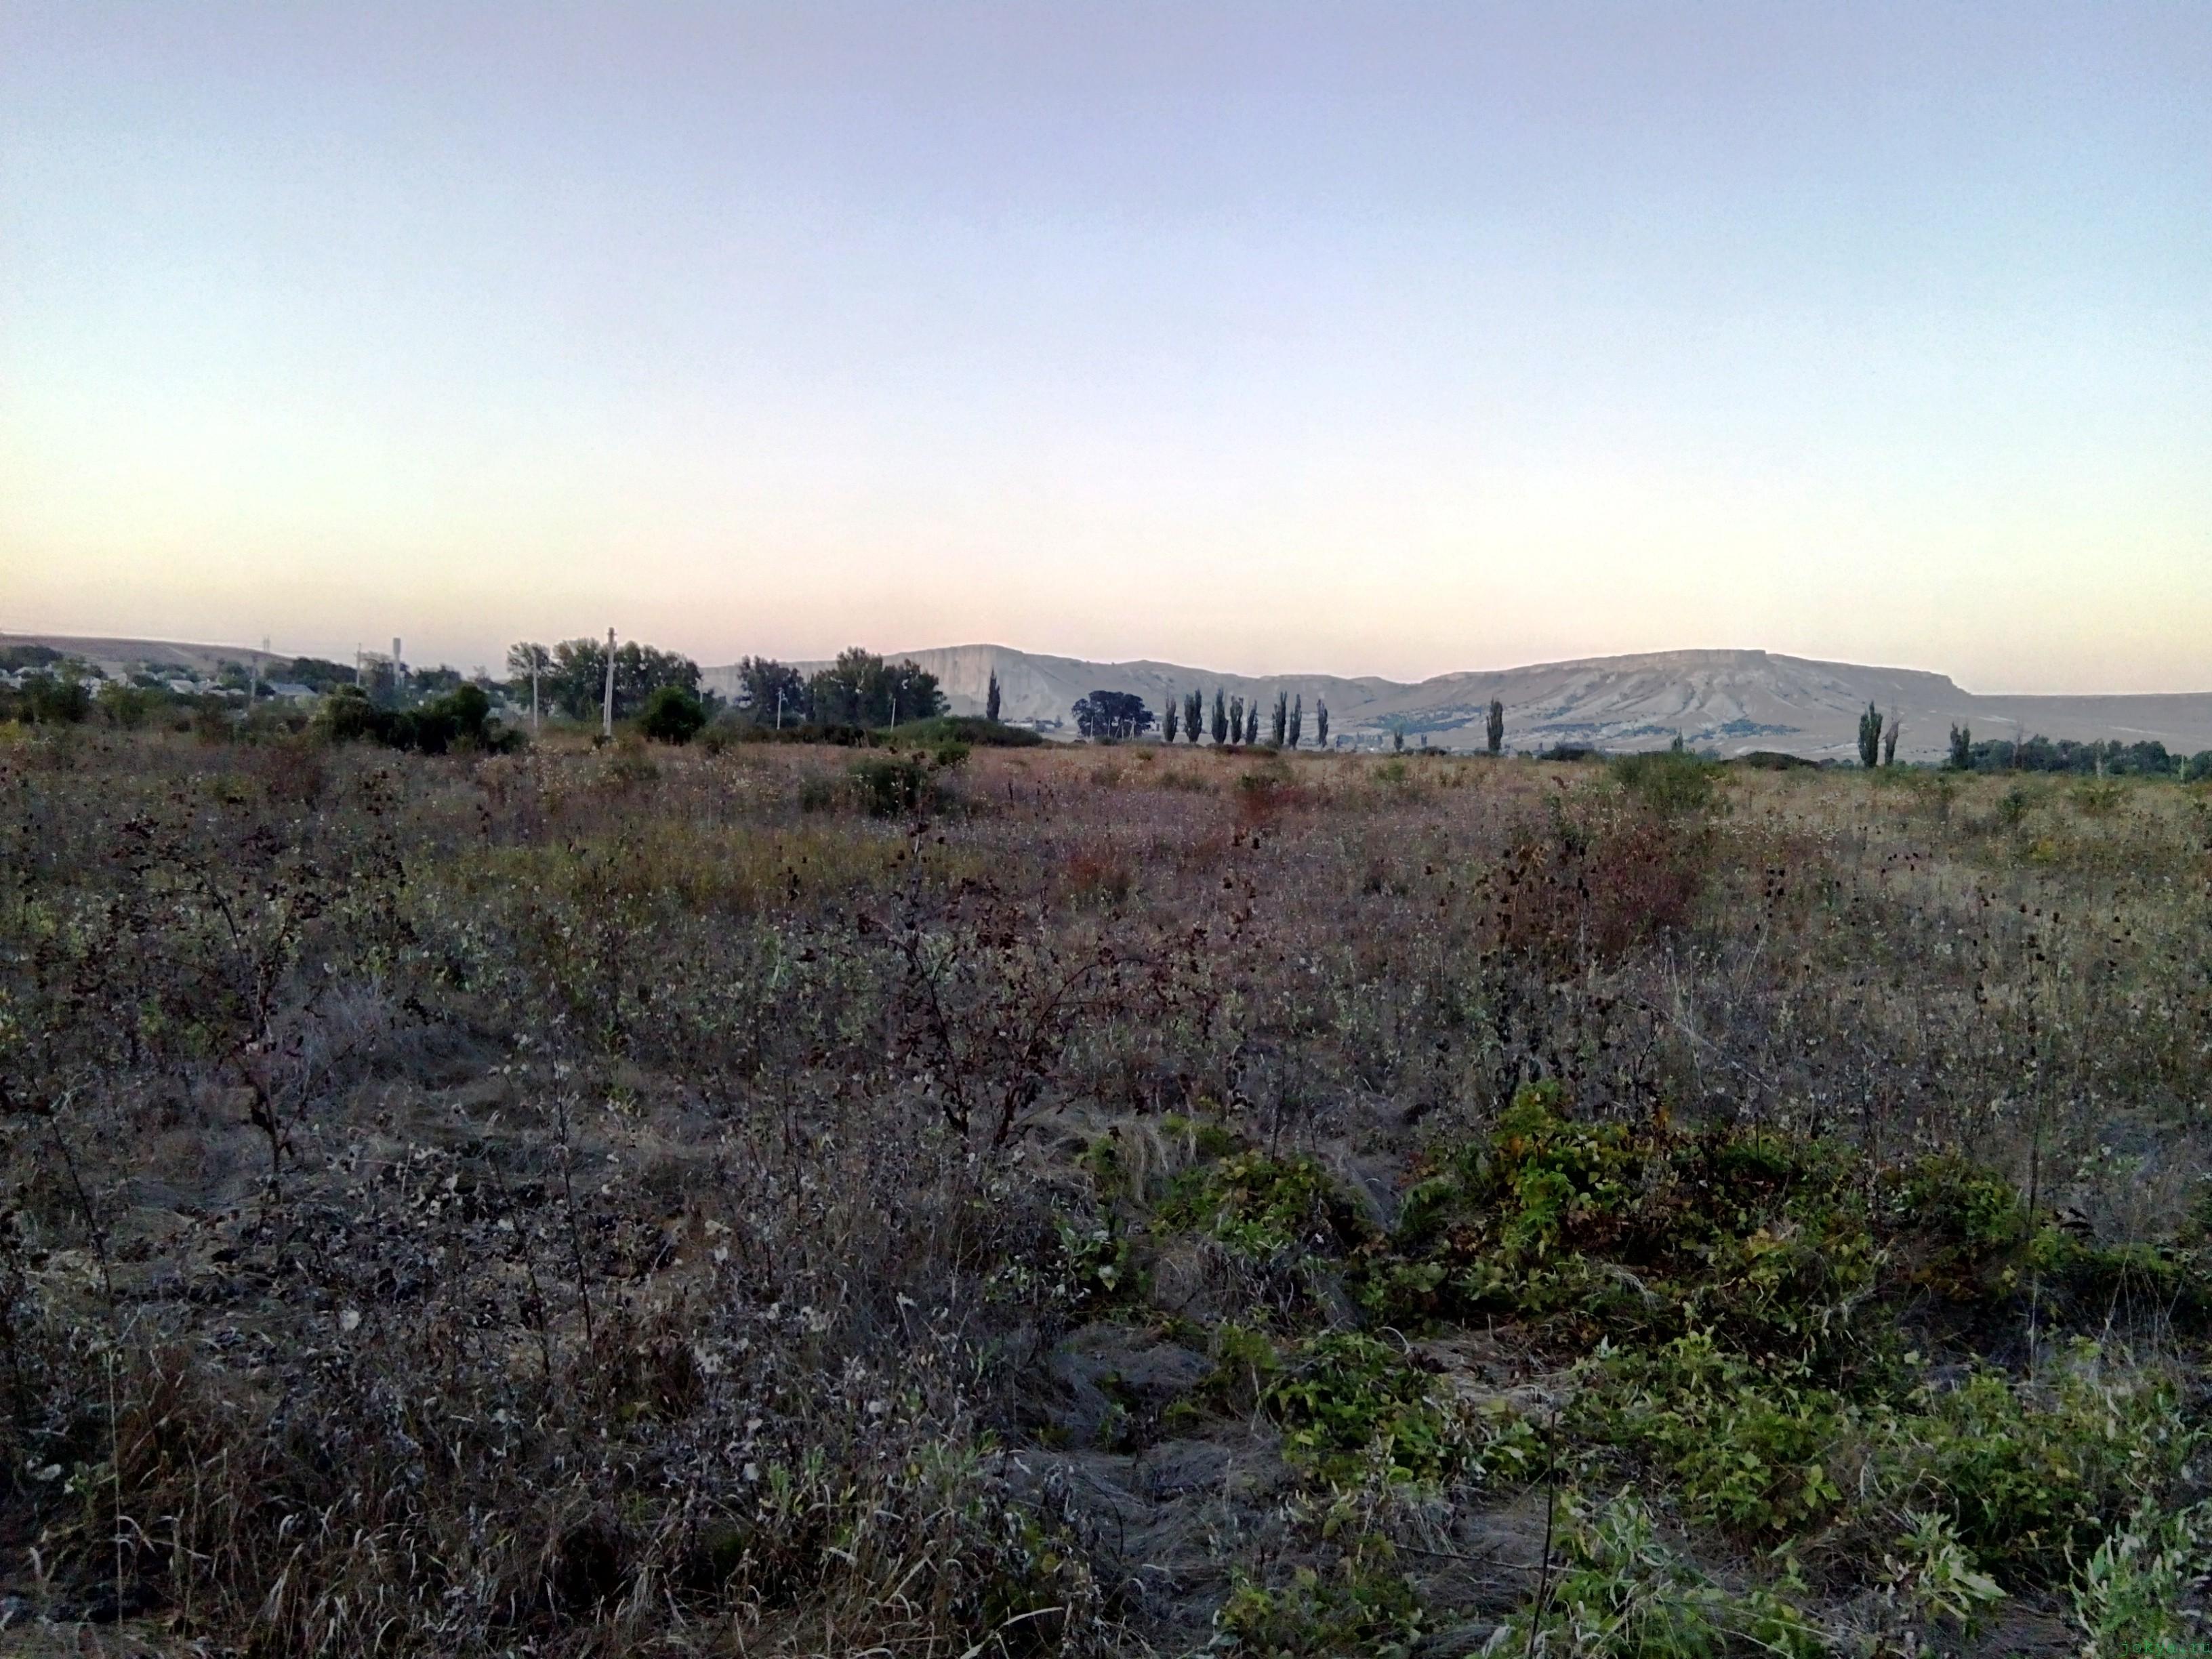 р биюк – карасу вечером на прогулке с удочкой: фото пейзажи реки карасевка фото заметка о Крыме jokya.ru